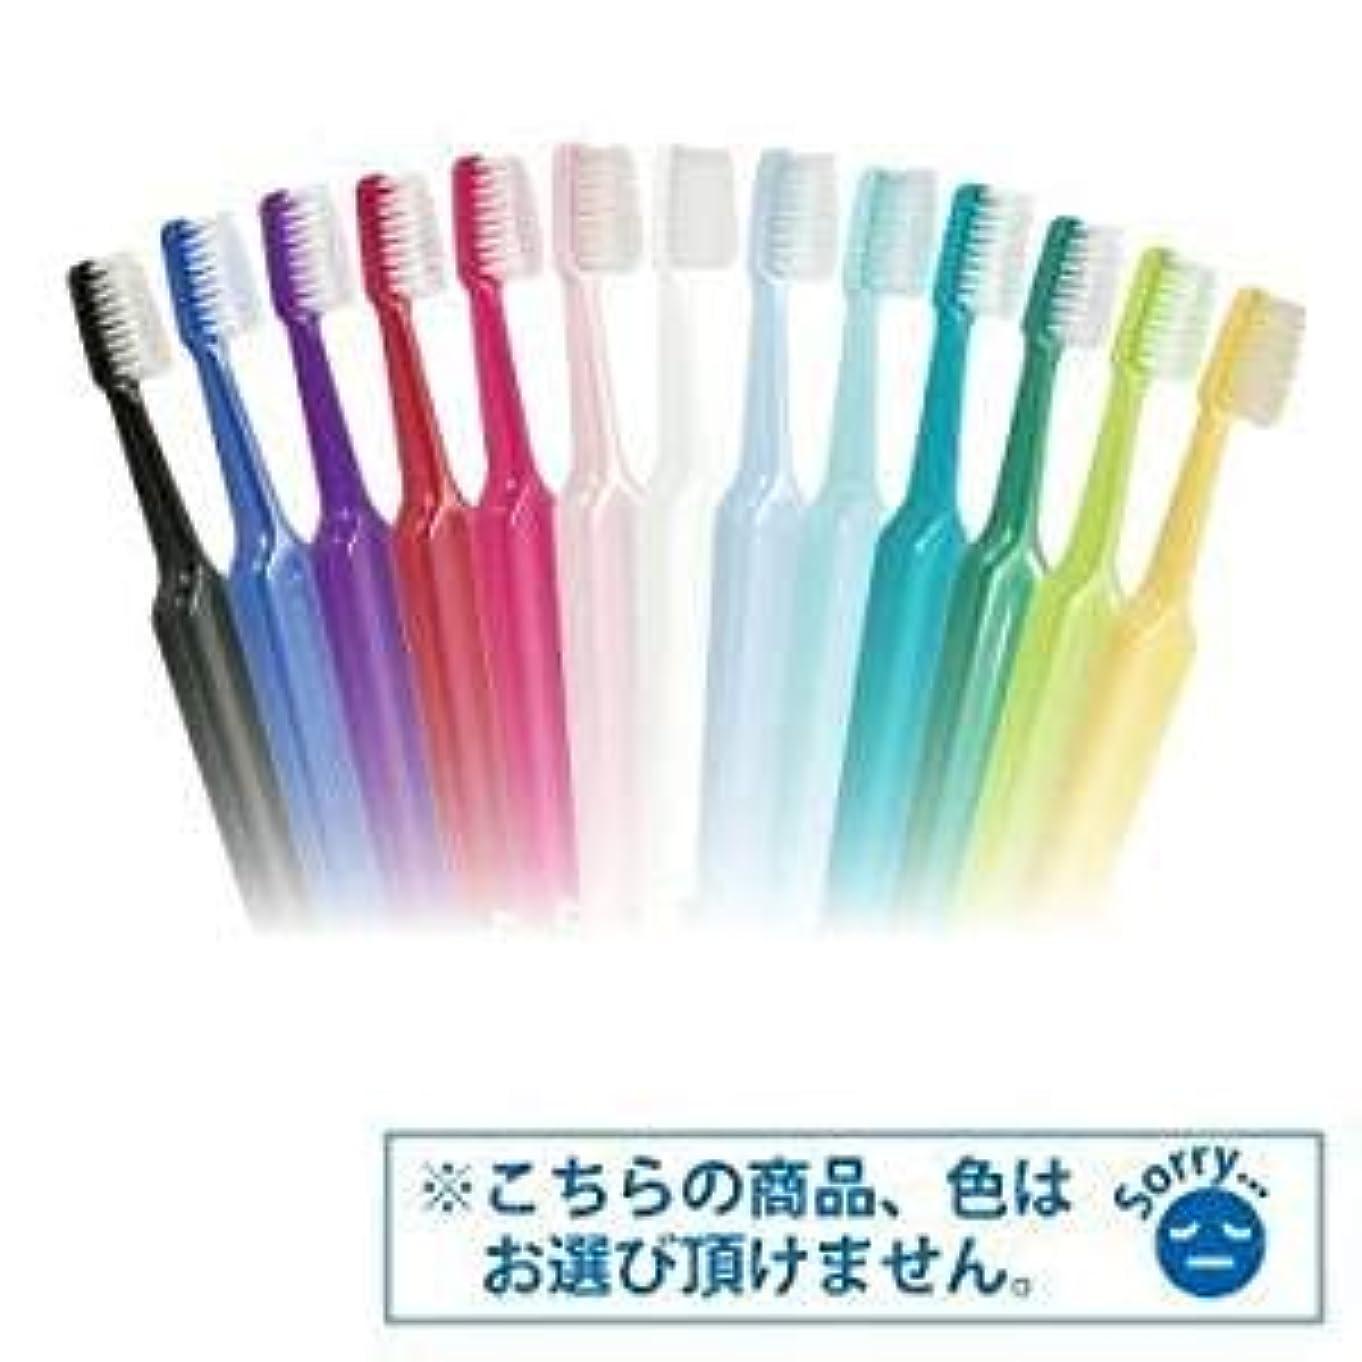 挨拶するバドミントンレビューTepe歯ブラシ セレクトコンパクト /X-ソフト 10本入り